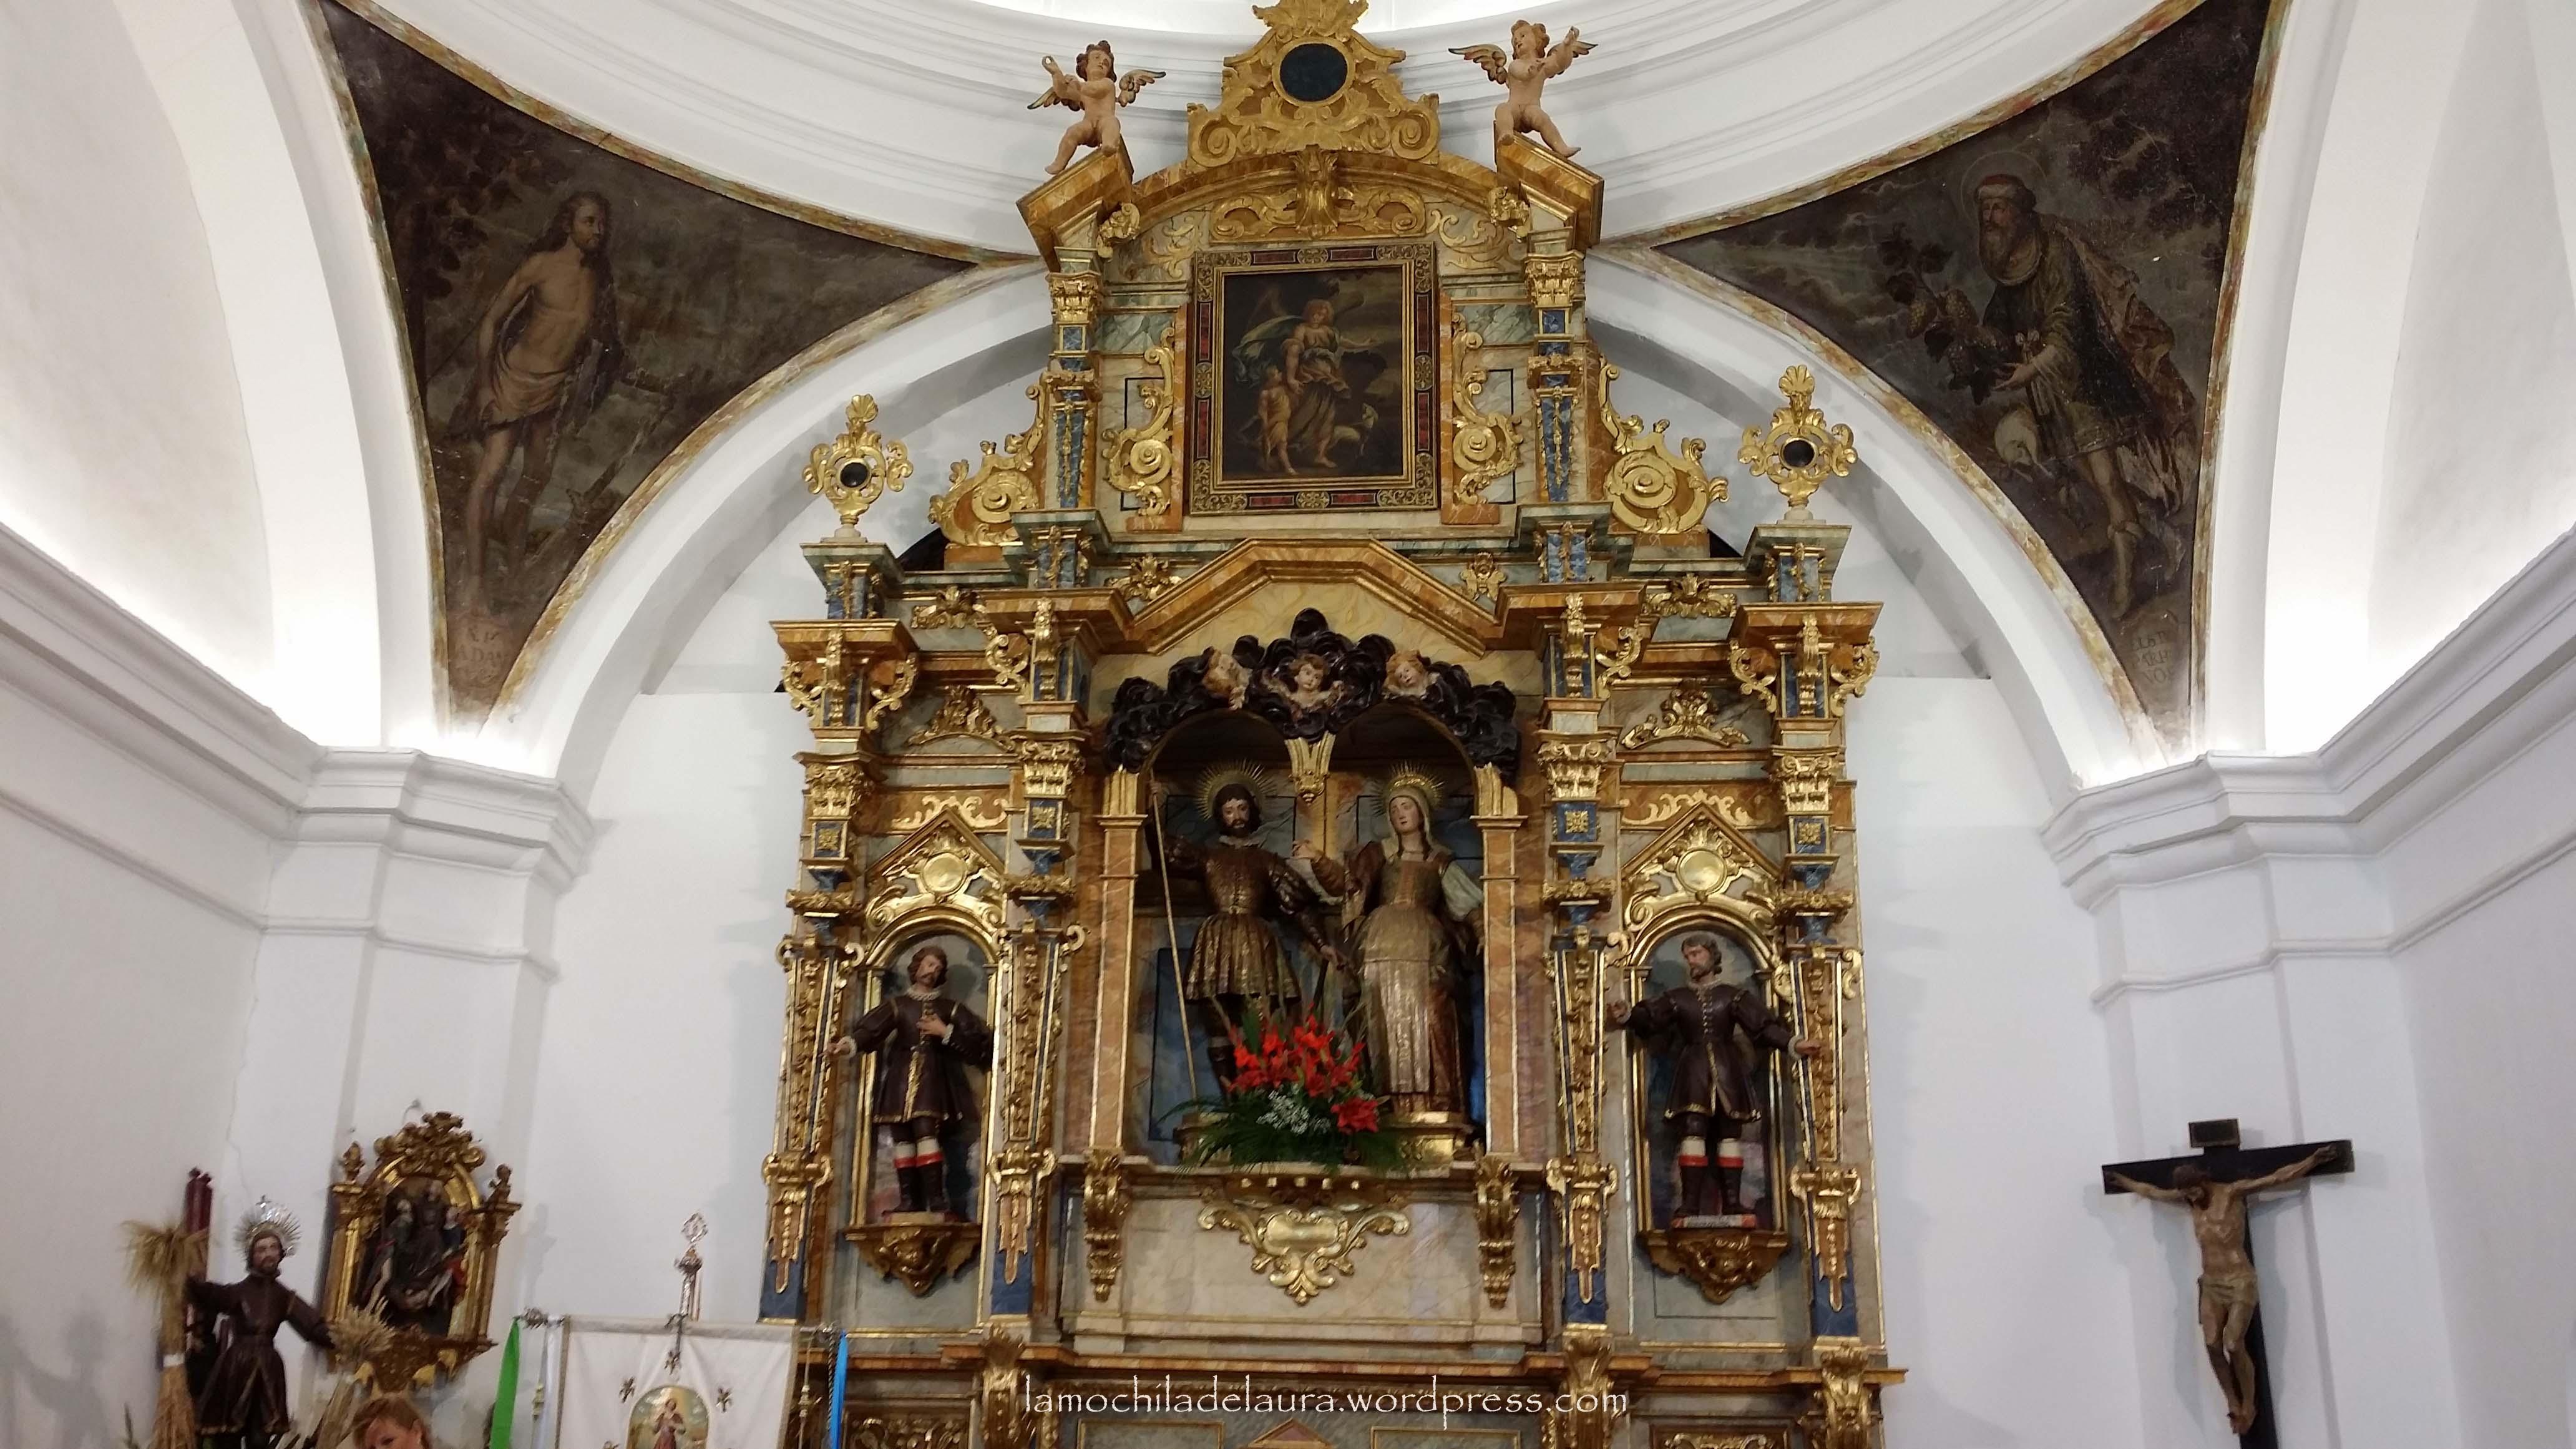 Ermita de san isidro de valladolid la mochila de laura for Ministerio del interior san isidro